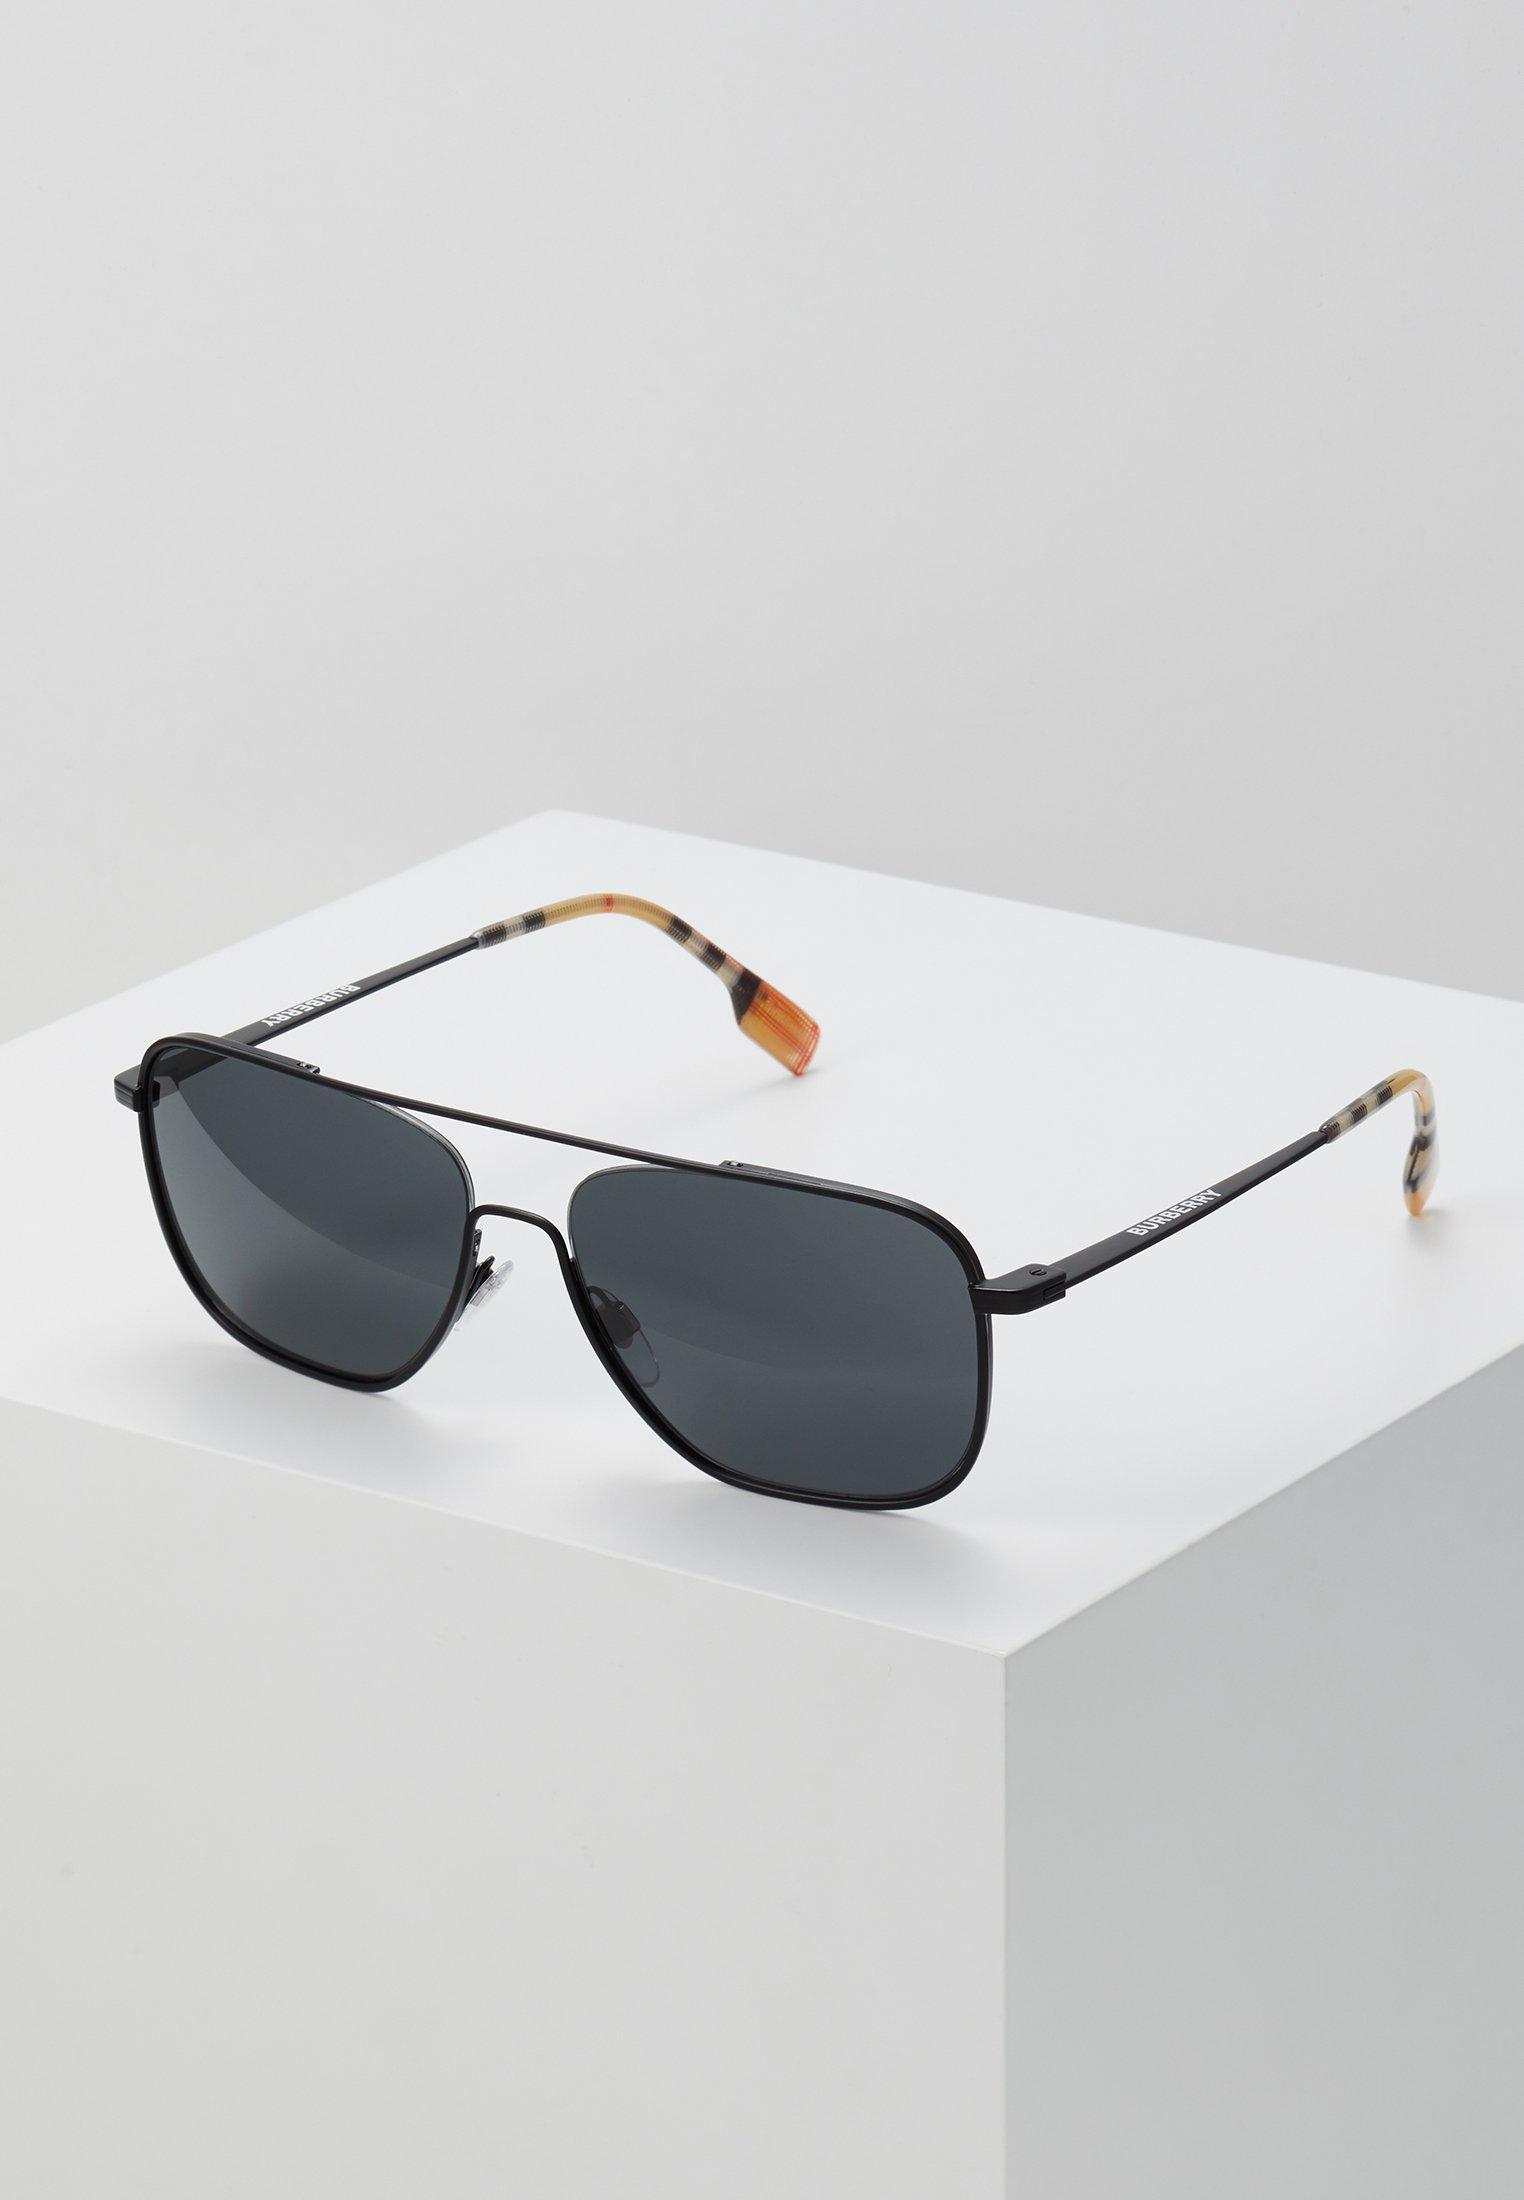 Nieuwe Stijlen Hot Koop Accessoires voor heren IHI564JFOIBurberry Zonnebril matte black BuIrjXt